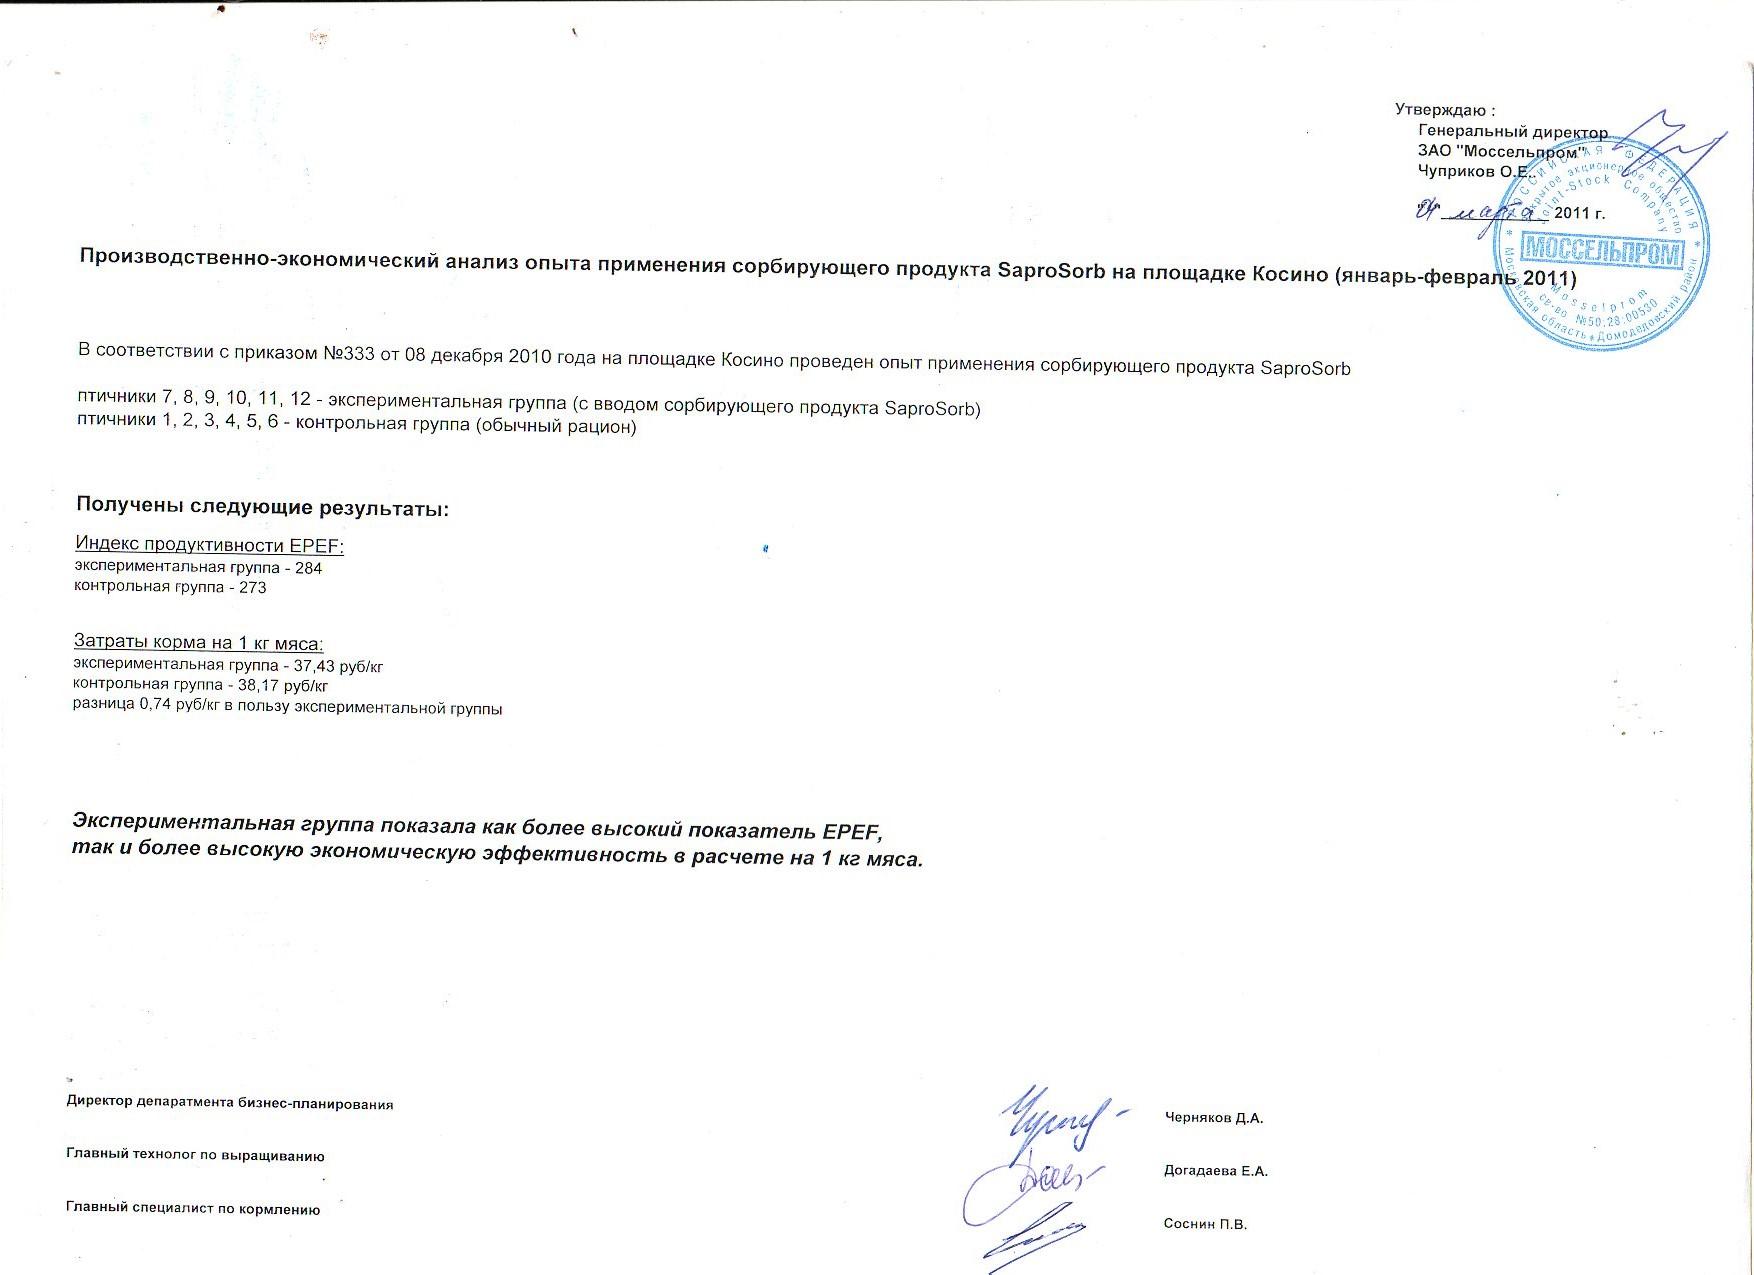 Производственно-экономический анализ опыта применения сорбирующего продукта сорбент/адсорбент микотоксинов SaproSORB(Сапросорб) на Бройлерах от ЗАО Моссельпром